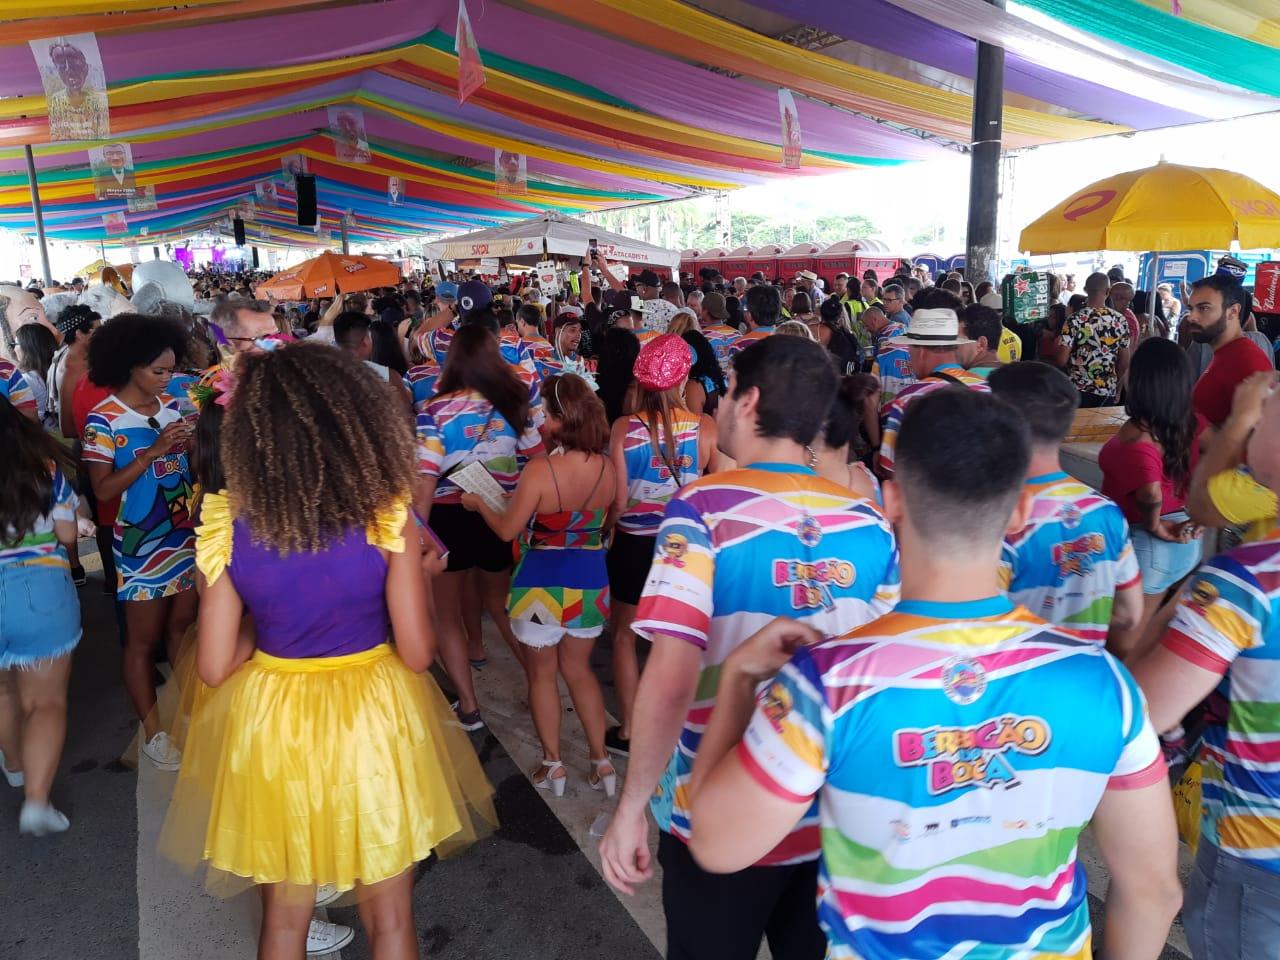 O Berbigão do Boca começou ao meio-dia reunindo um grande público - Marina Simões/ND